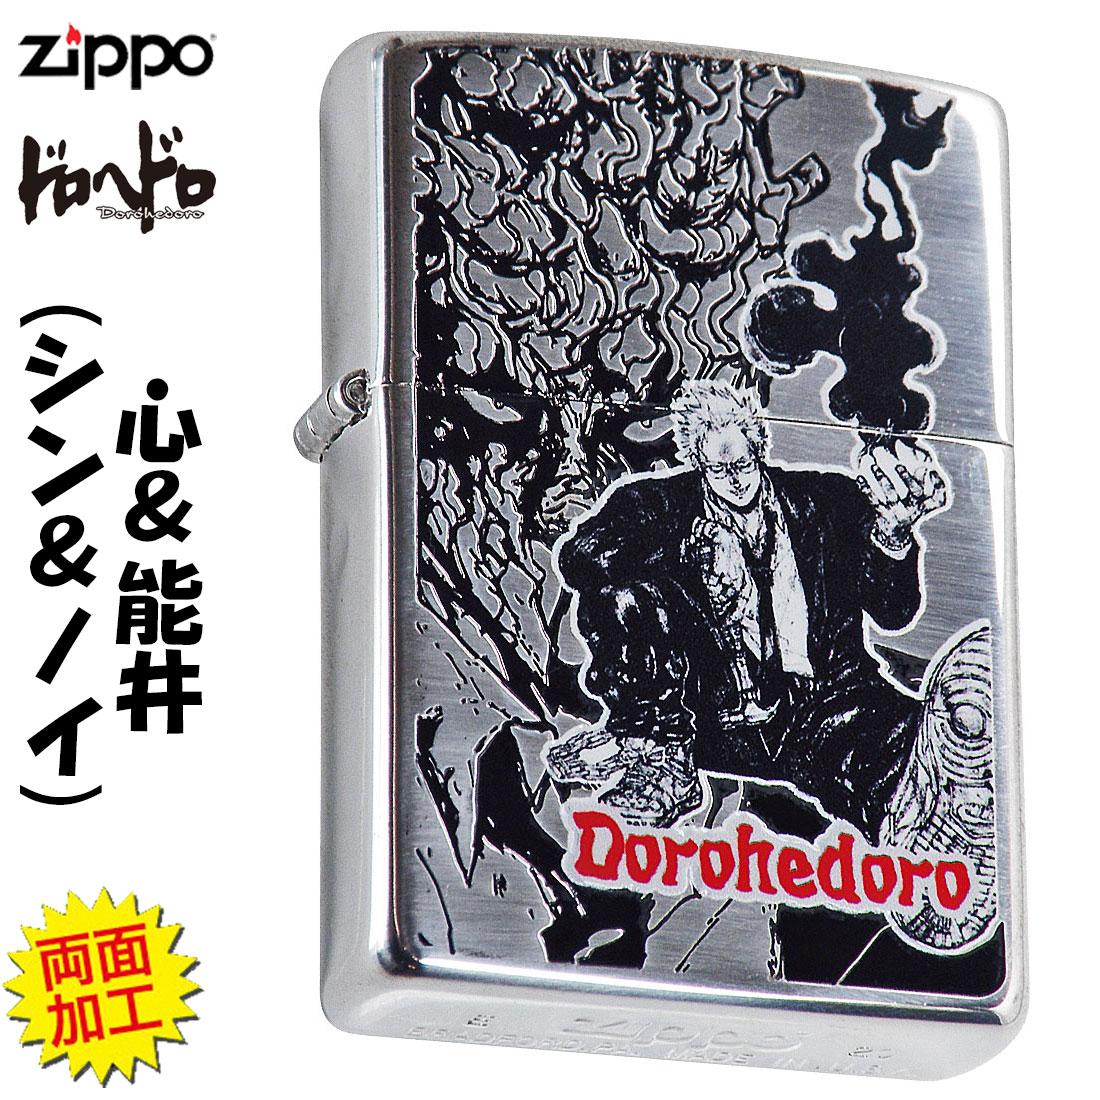 ZIPPO/ドロヘドロ  心&能井画像